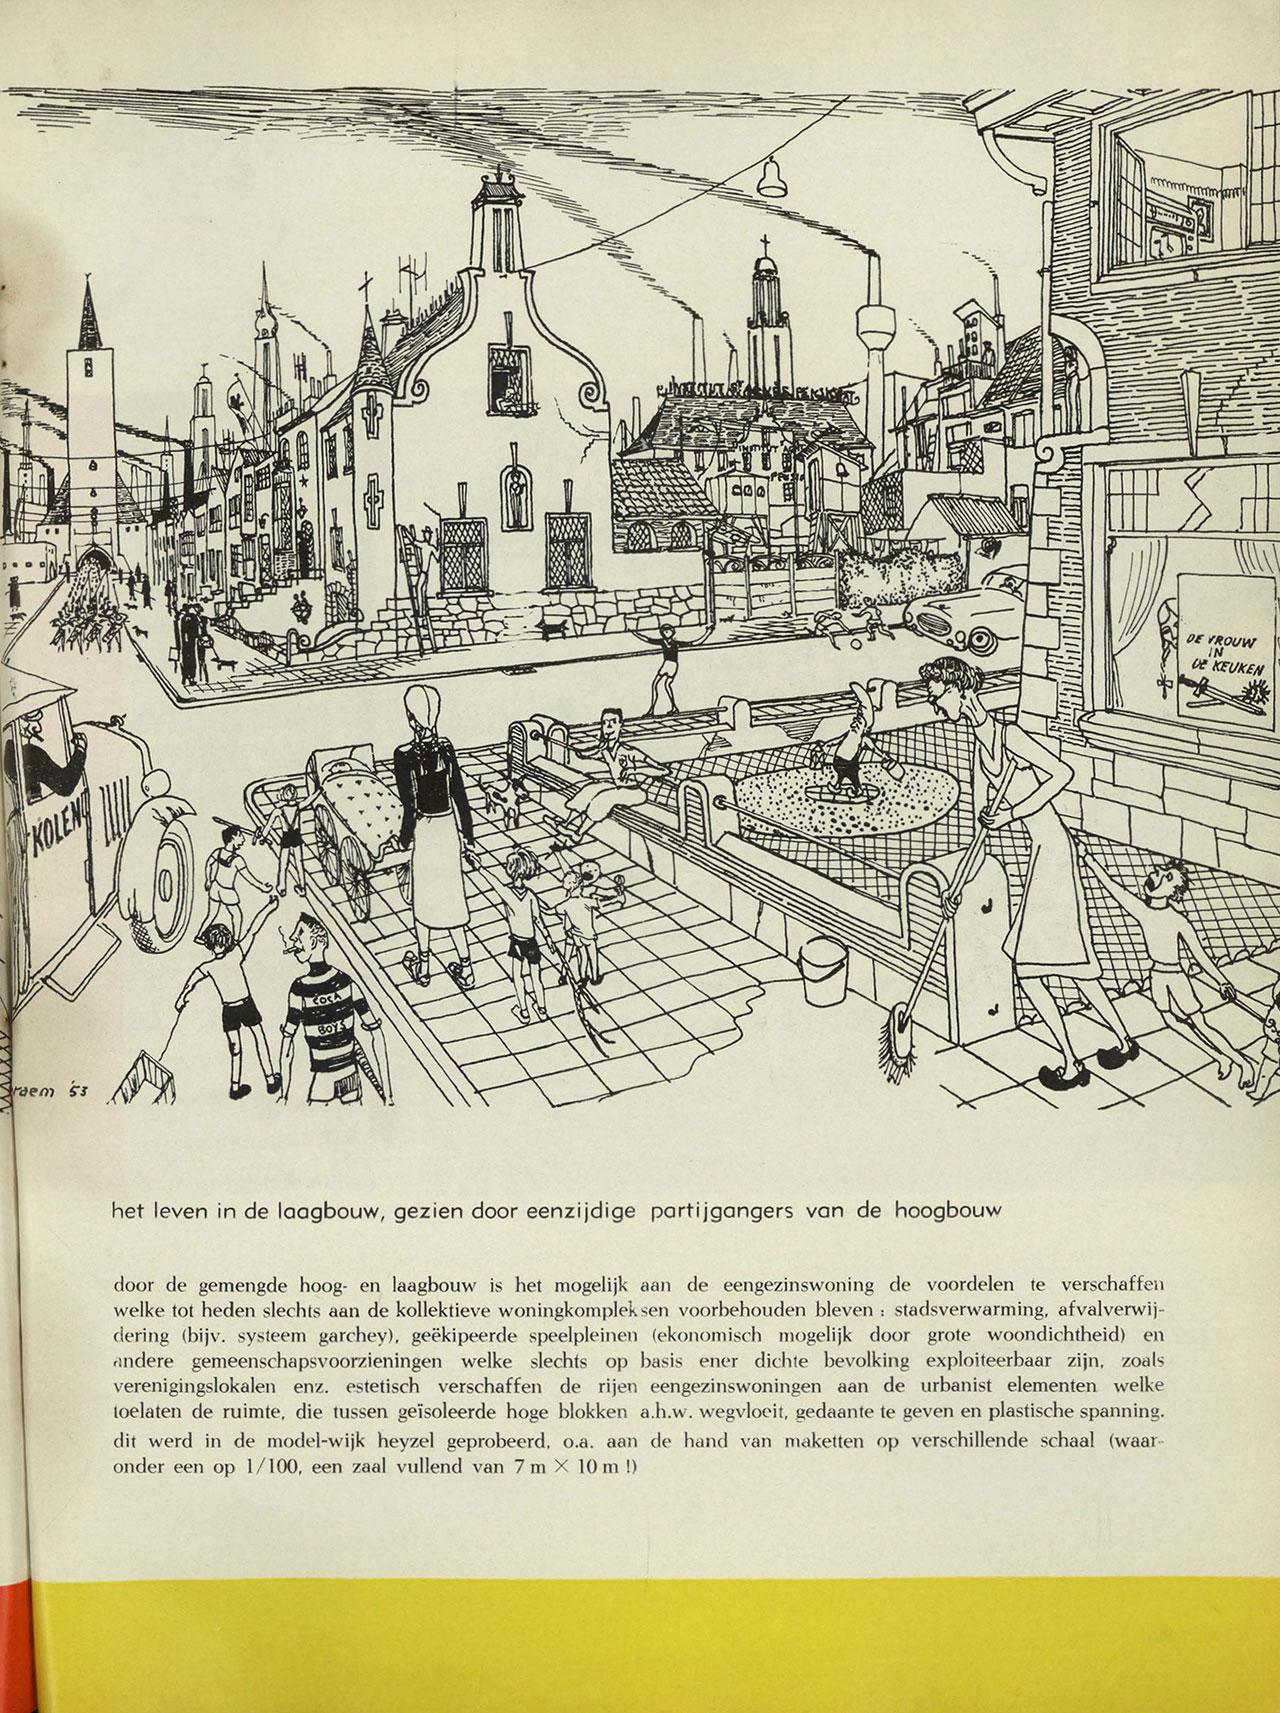 Modelwijk Heysel Brussel